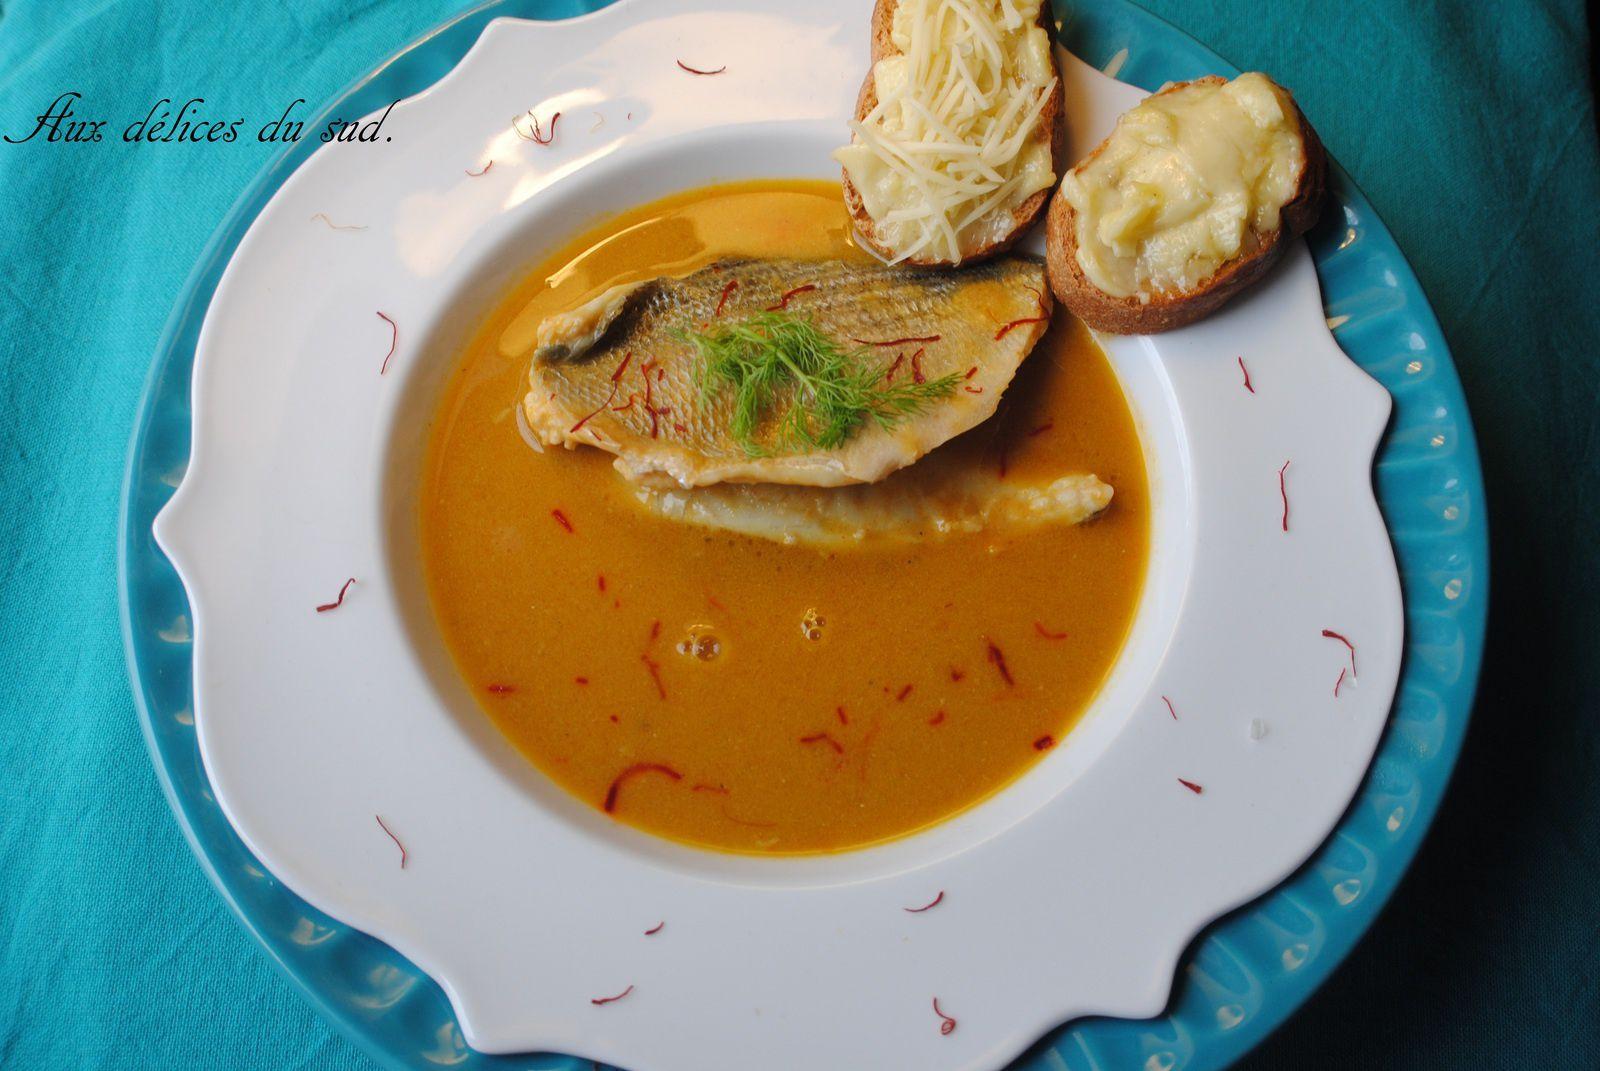 Soupe de poissons au safran (dorades ).